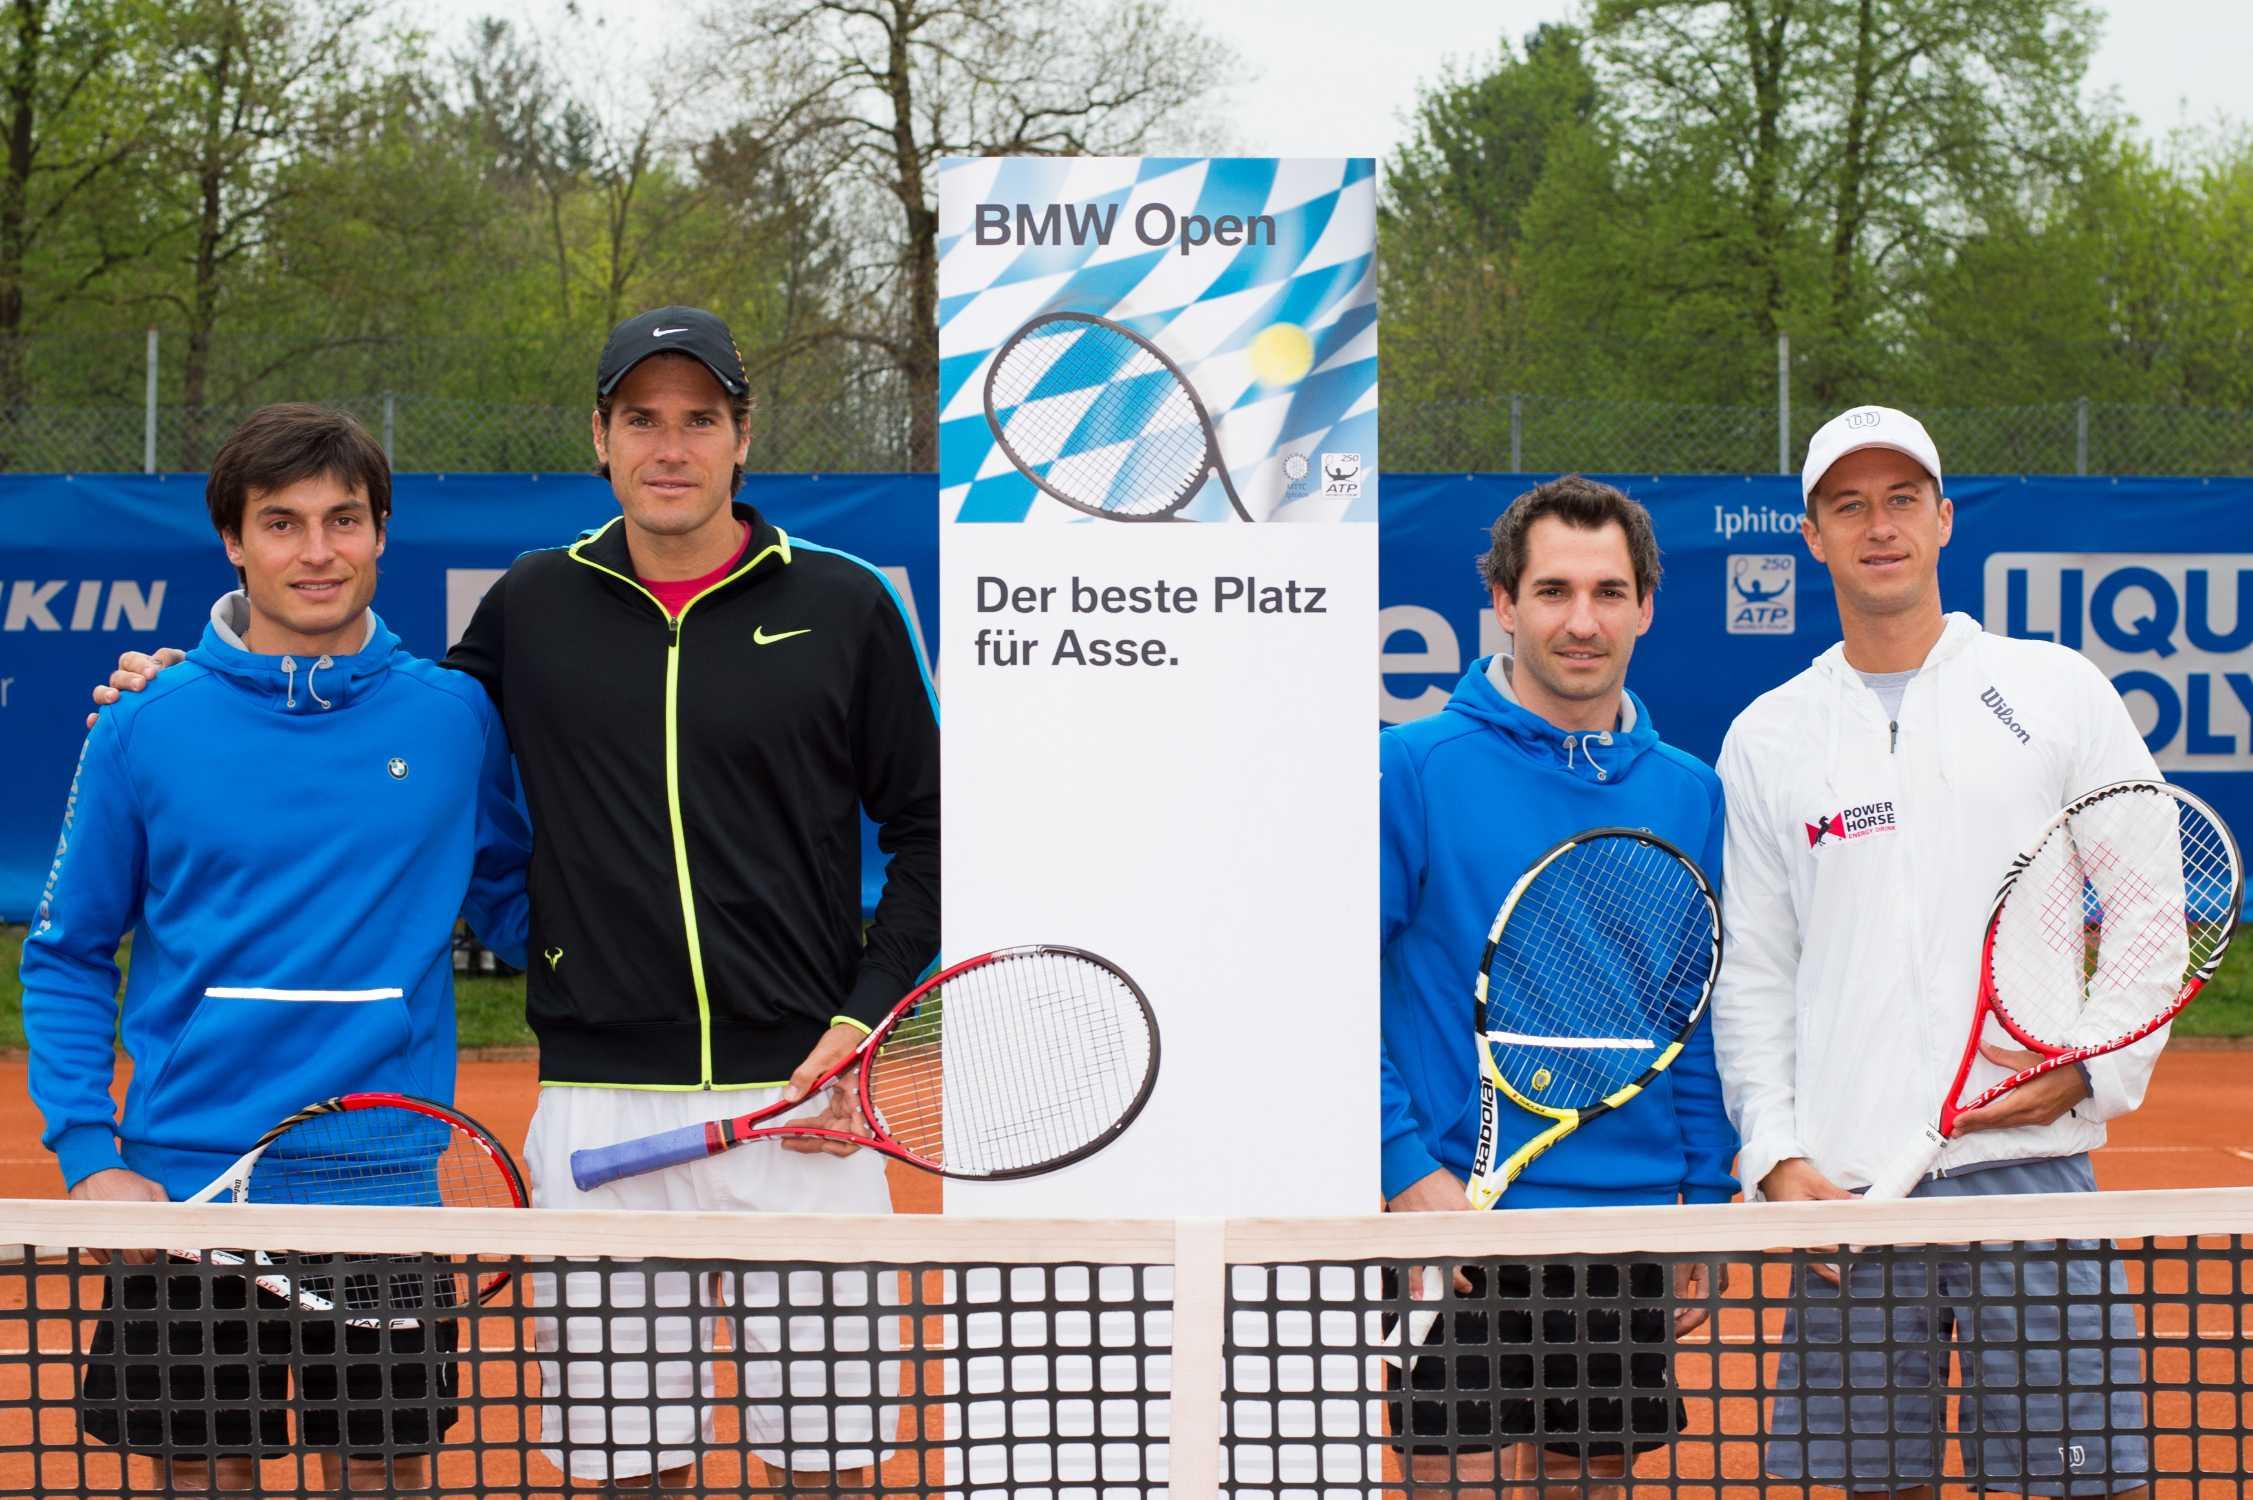 Dtm Stars Im Doppel Mit Deutschen Top Spielern Bei Den Bmw Open